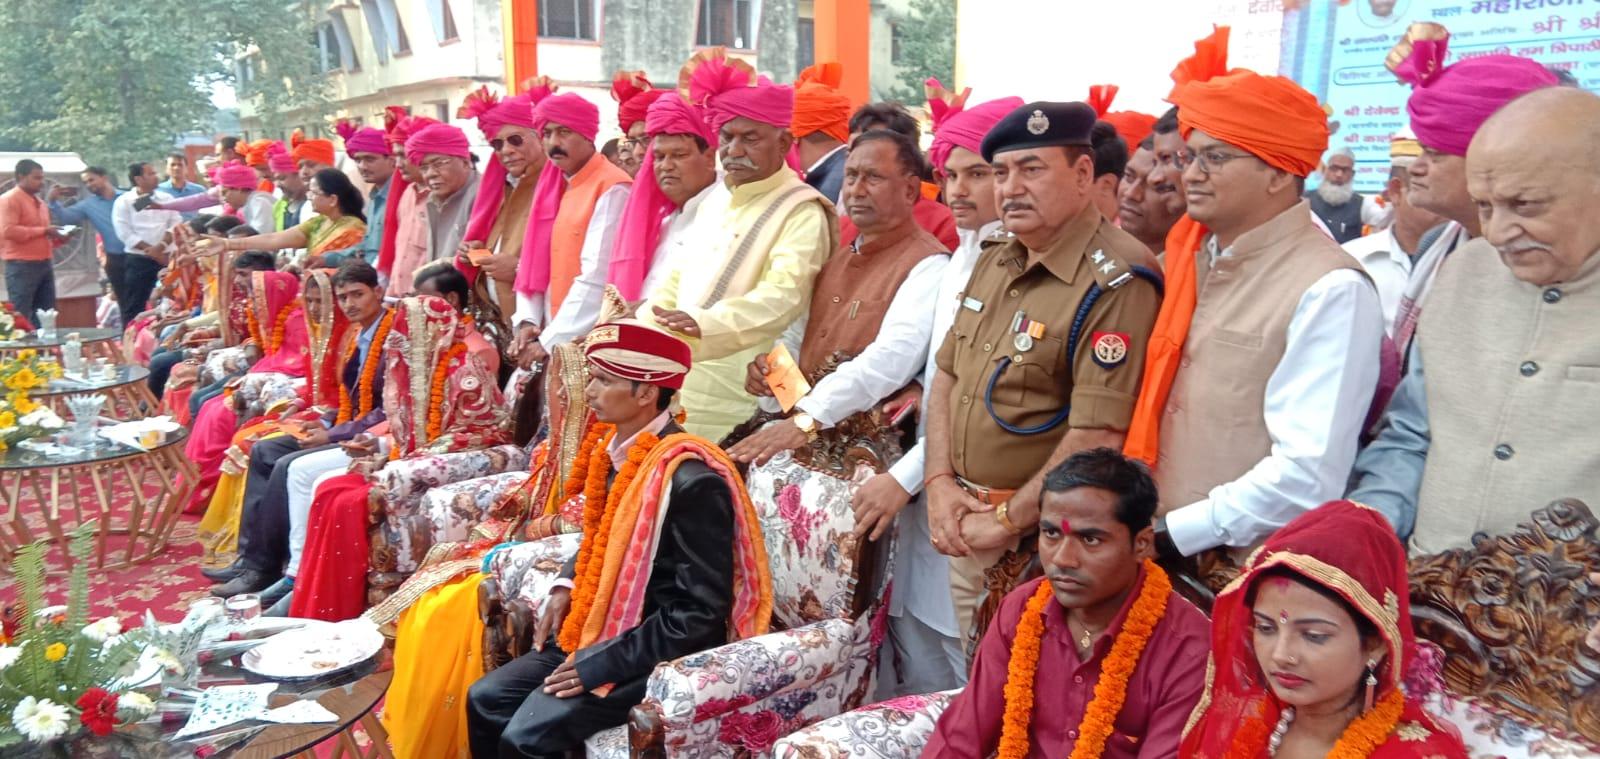 हिंदी समाचार | मुख्यमंत्री समूह विवाह योजना...